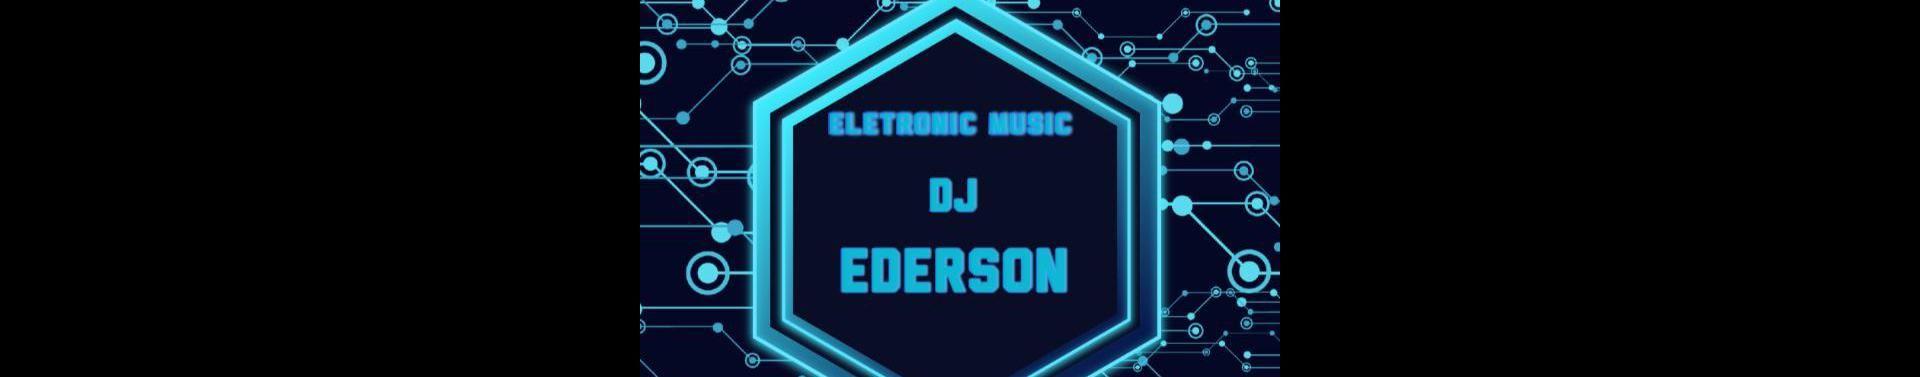 Imagem de capa de DJ Ederson oficial